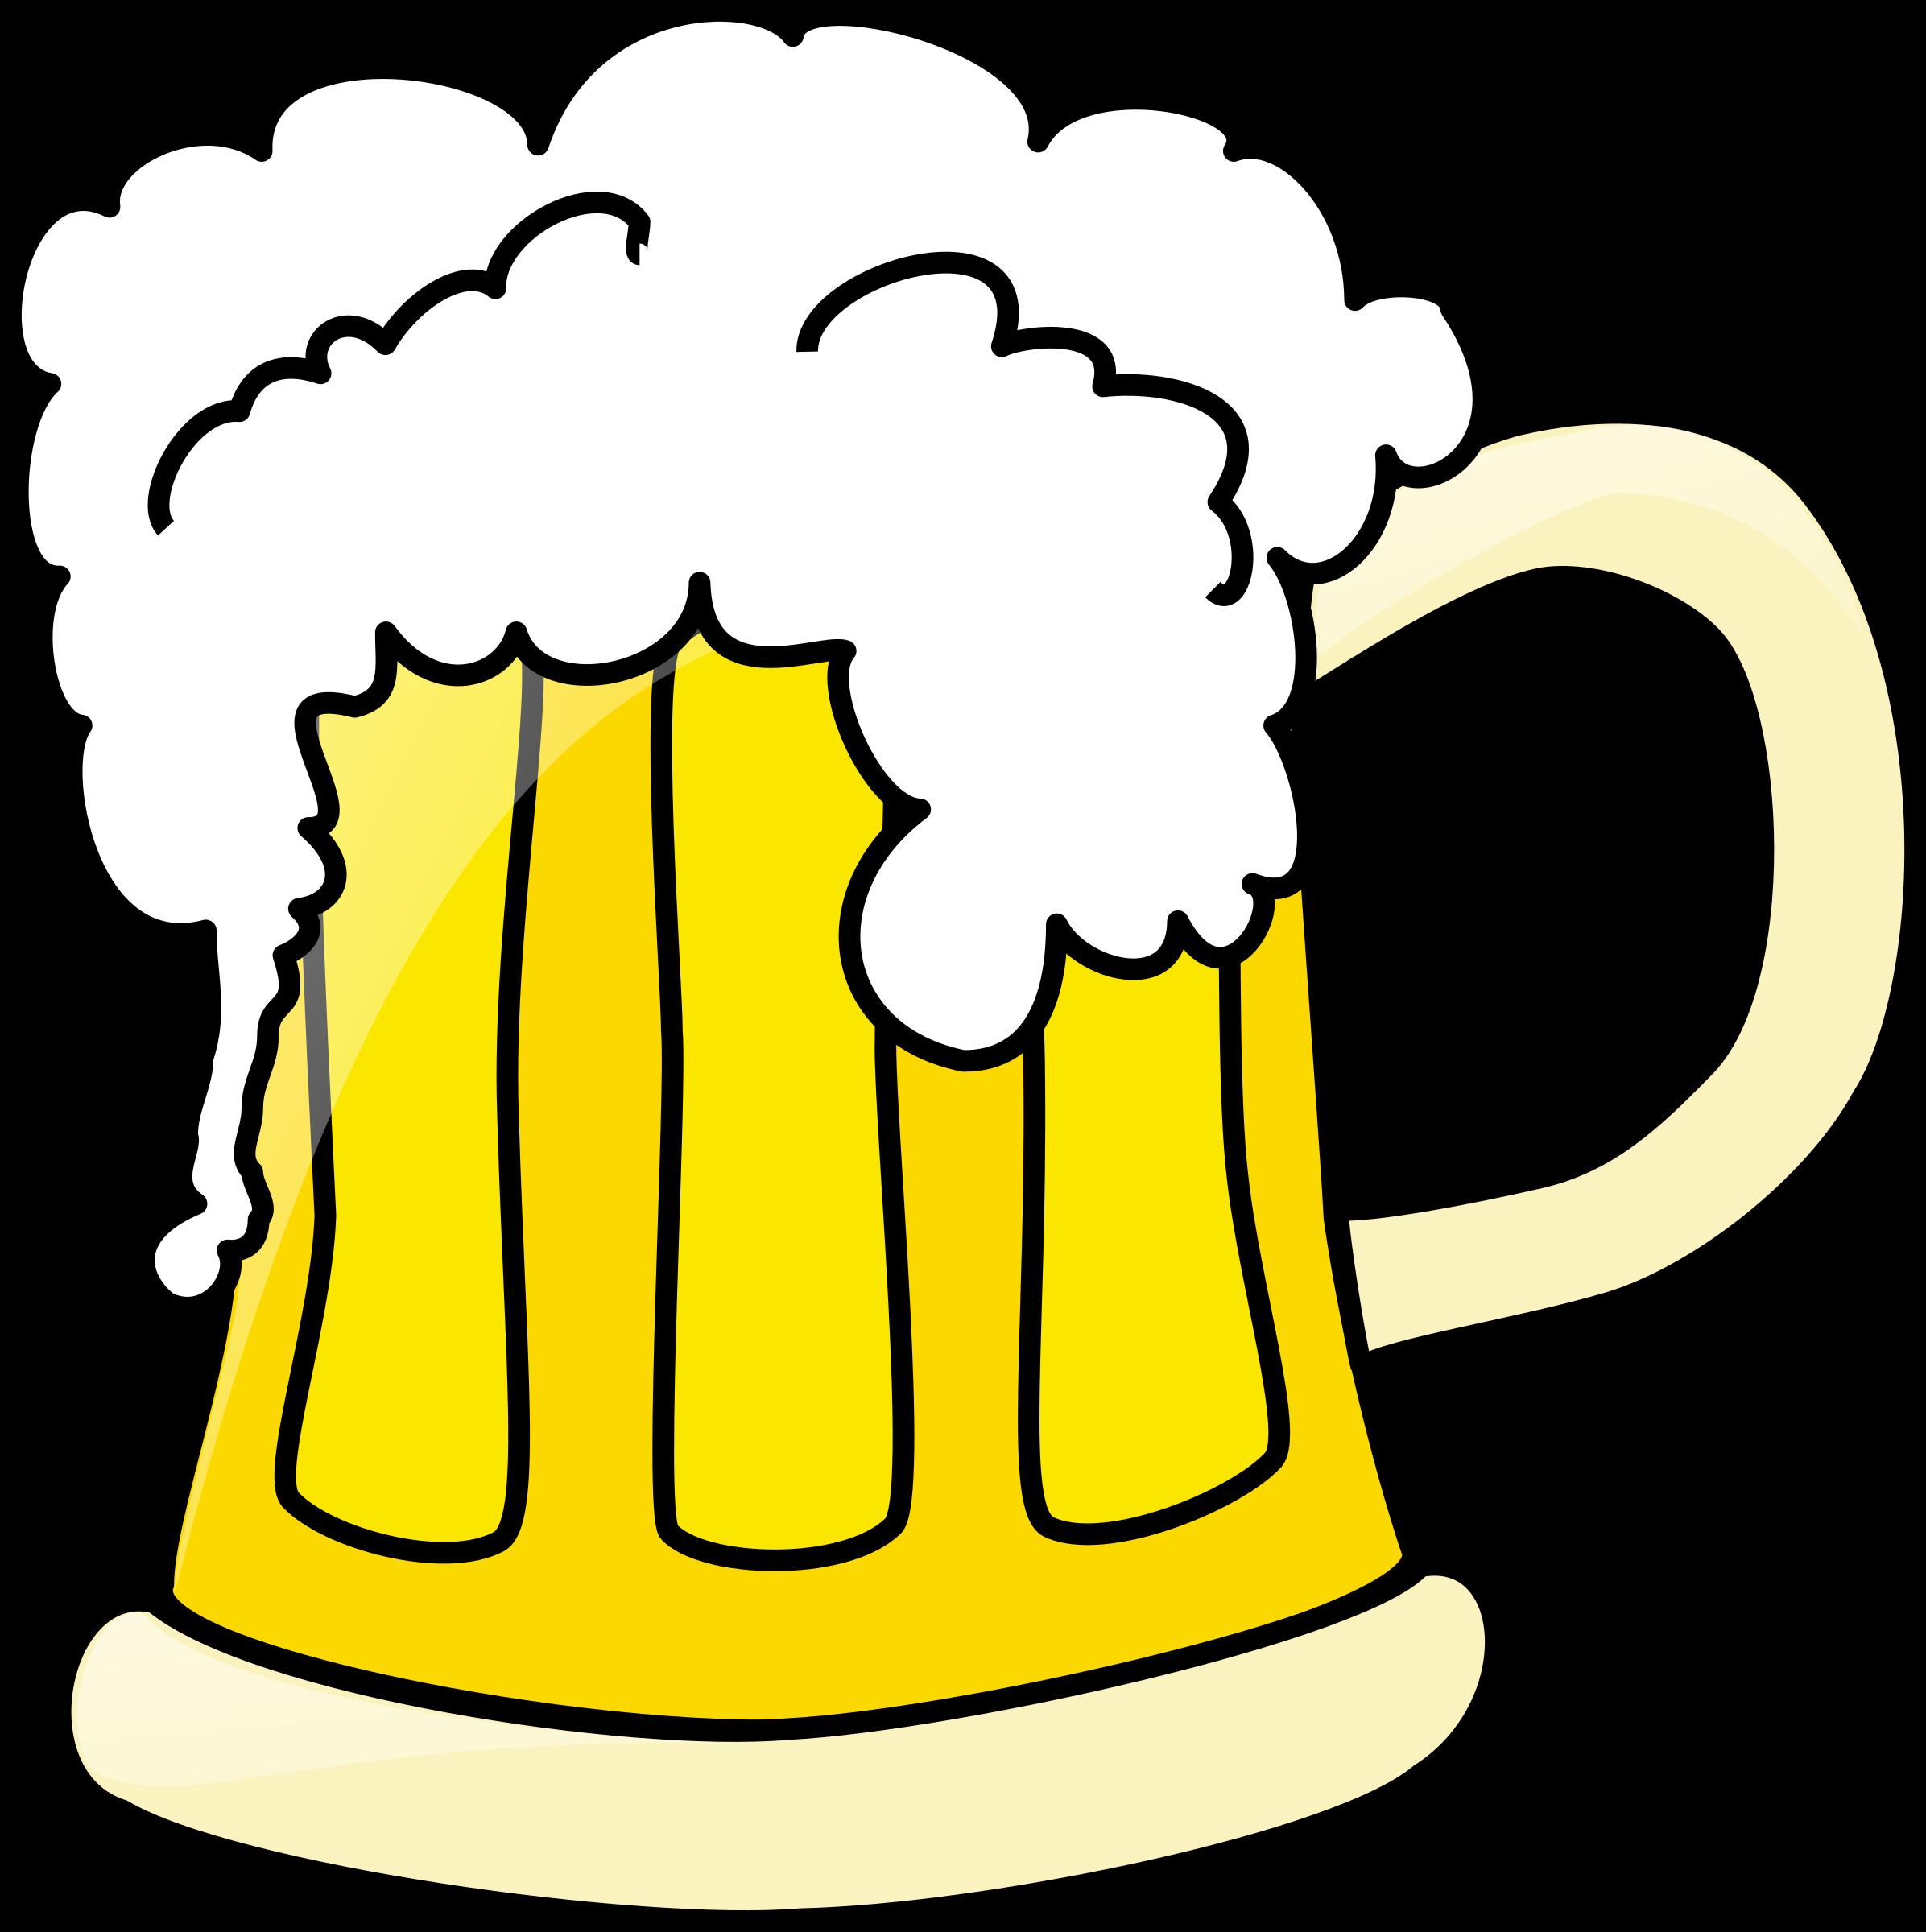 Beer clipart vector. Mug of illustration rh